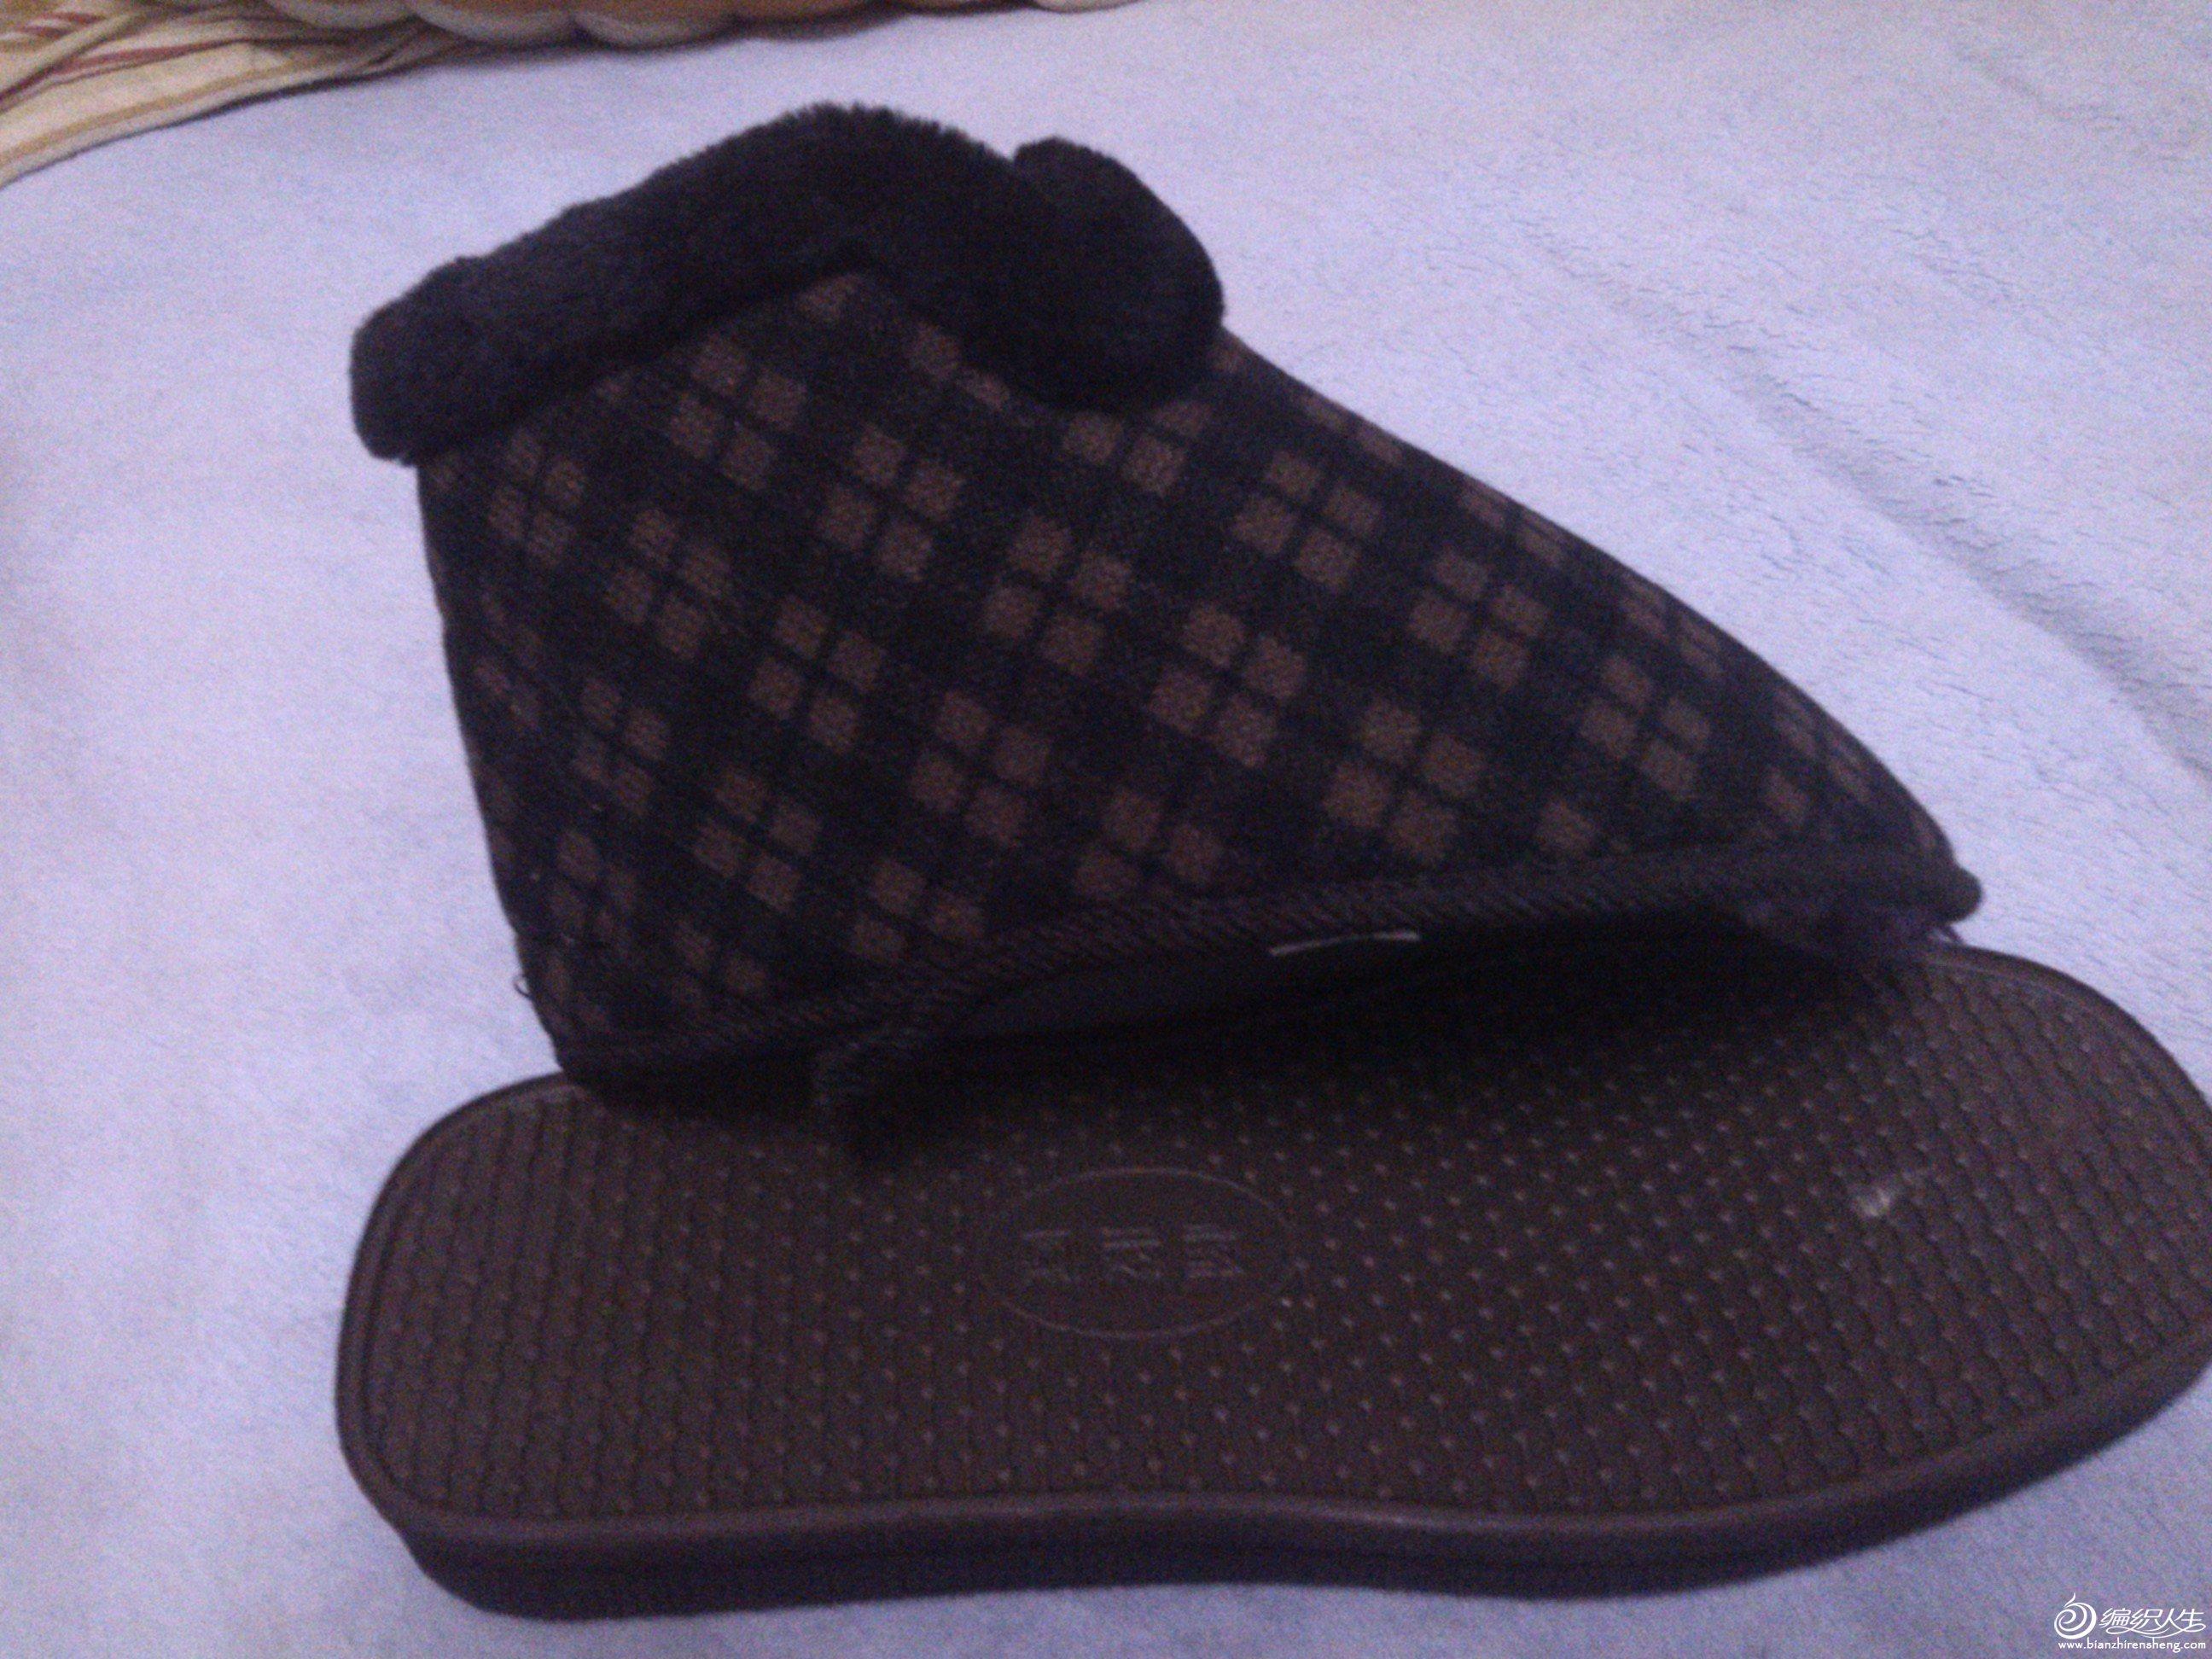 这鞋底没有底布